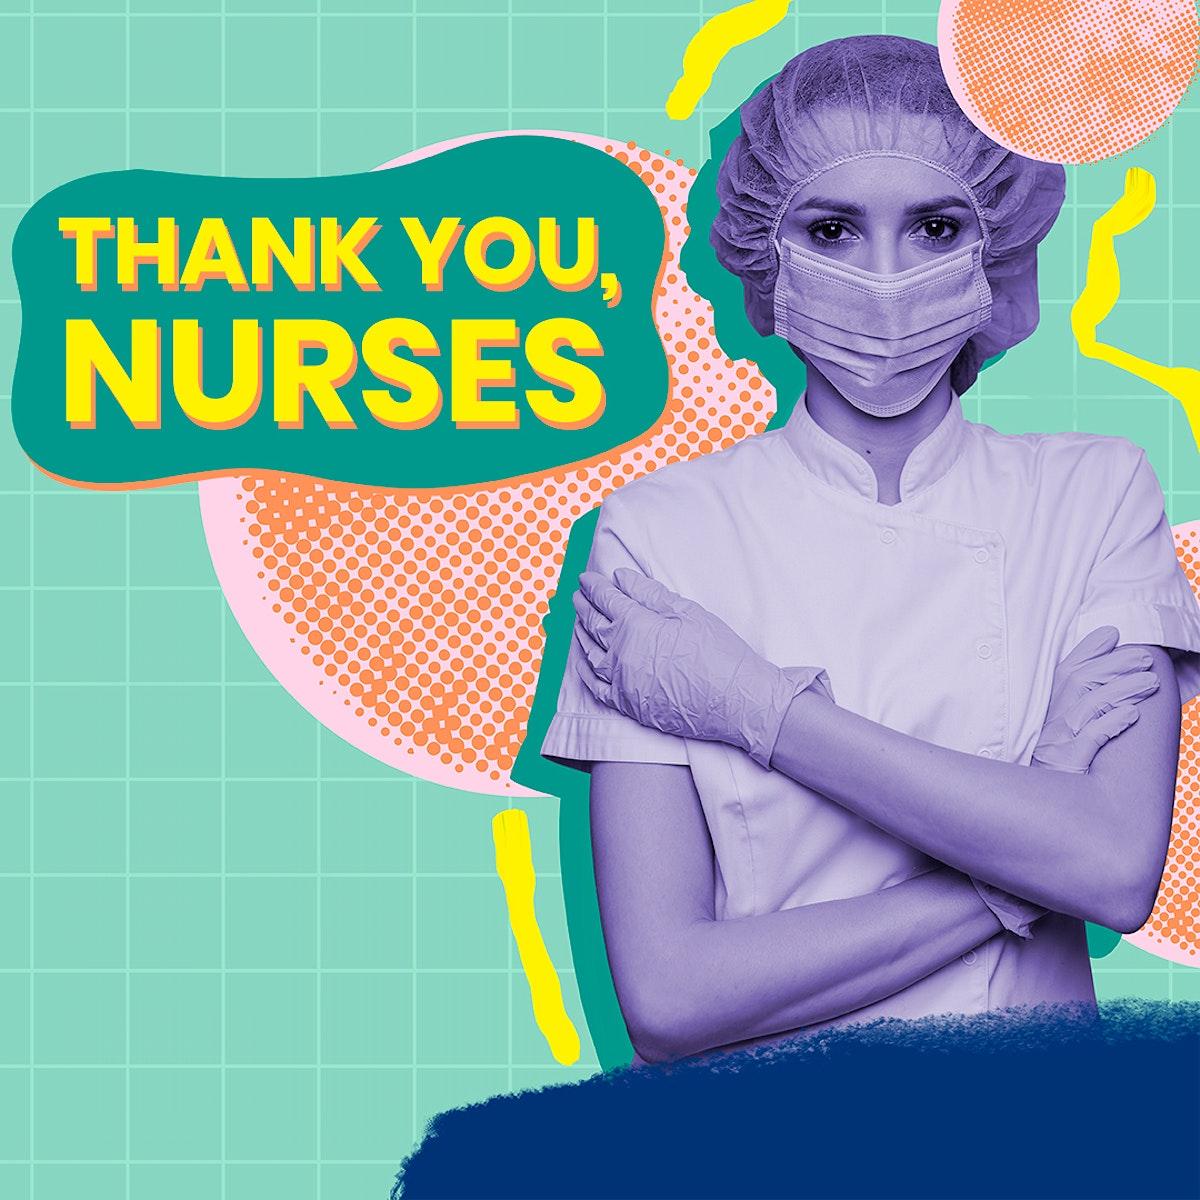 Thank you nurses awareness message template